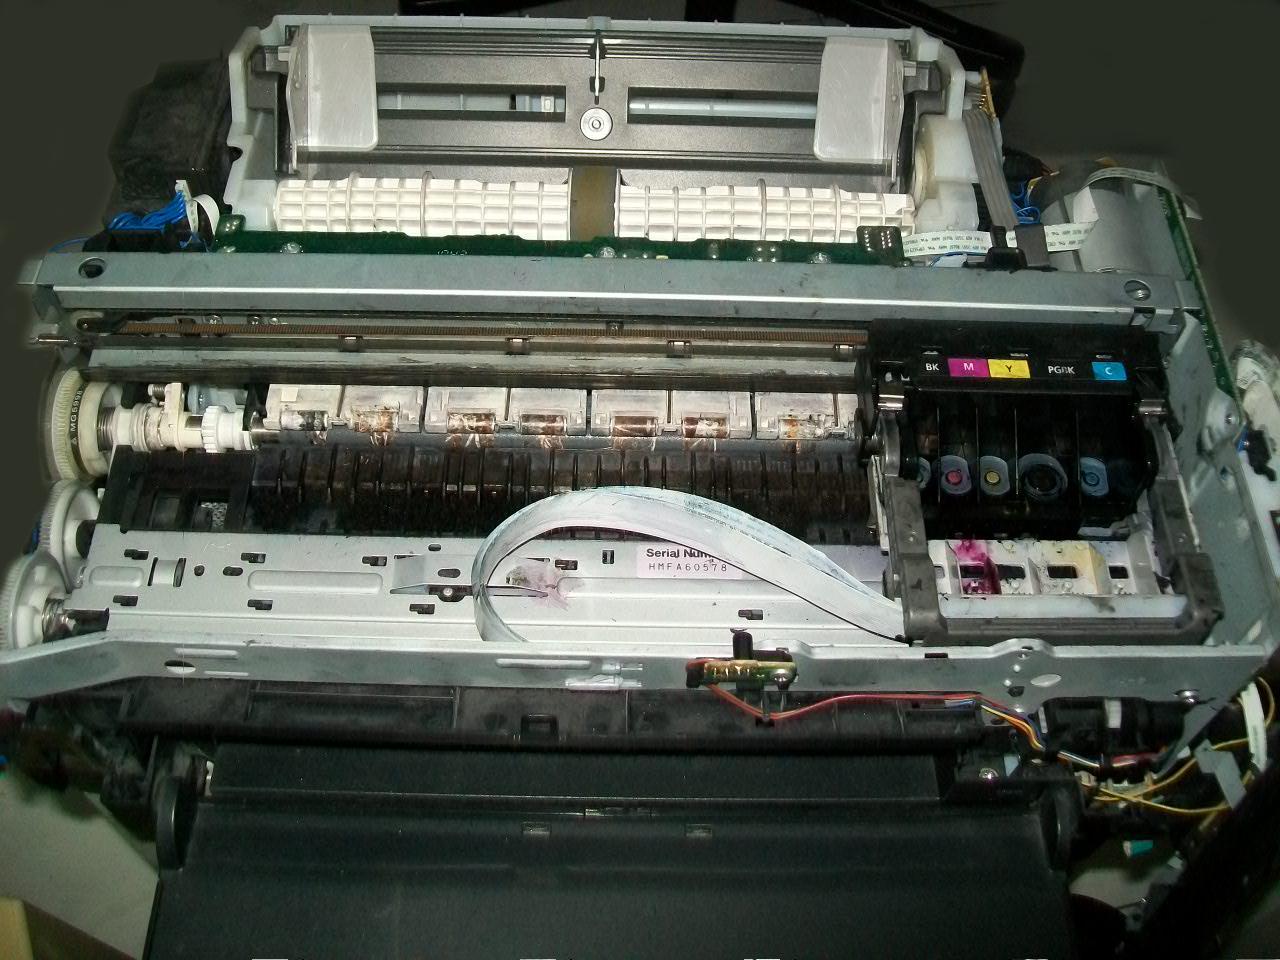 ซ่อมปริ้นเตอร์ (printer service)